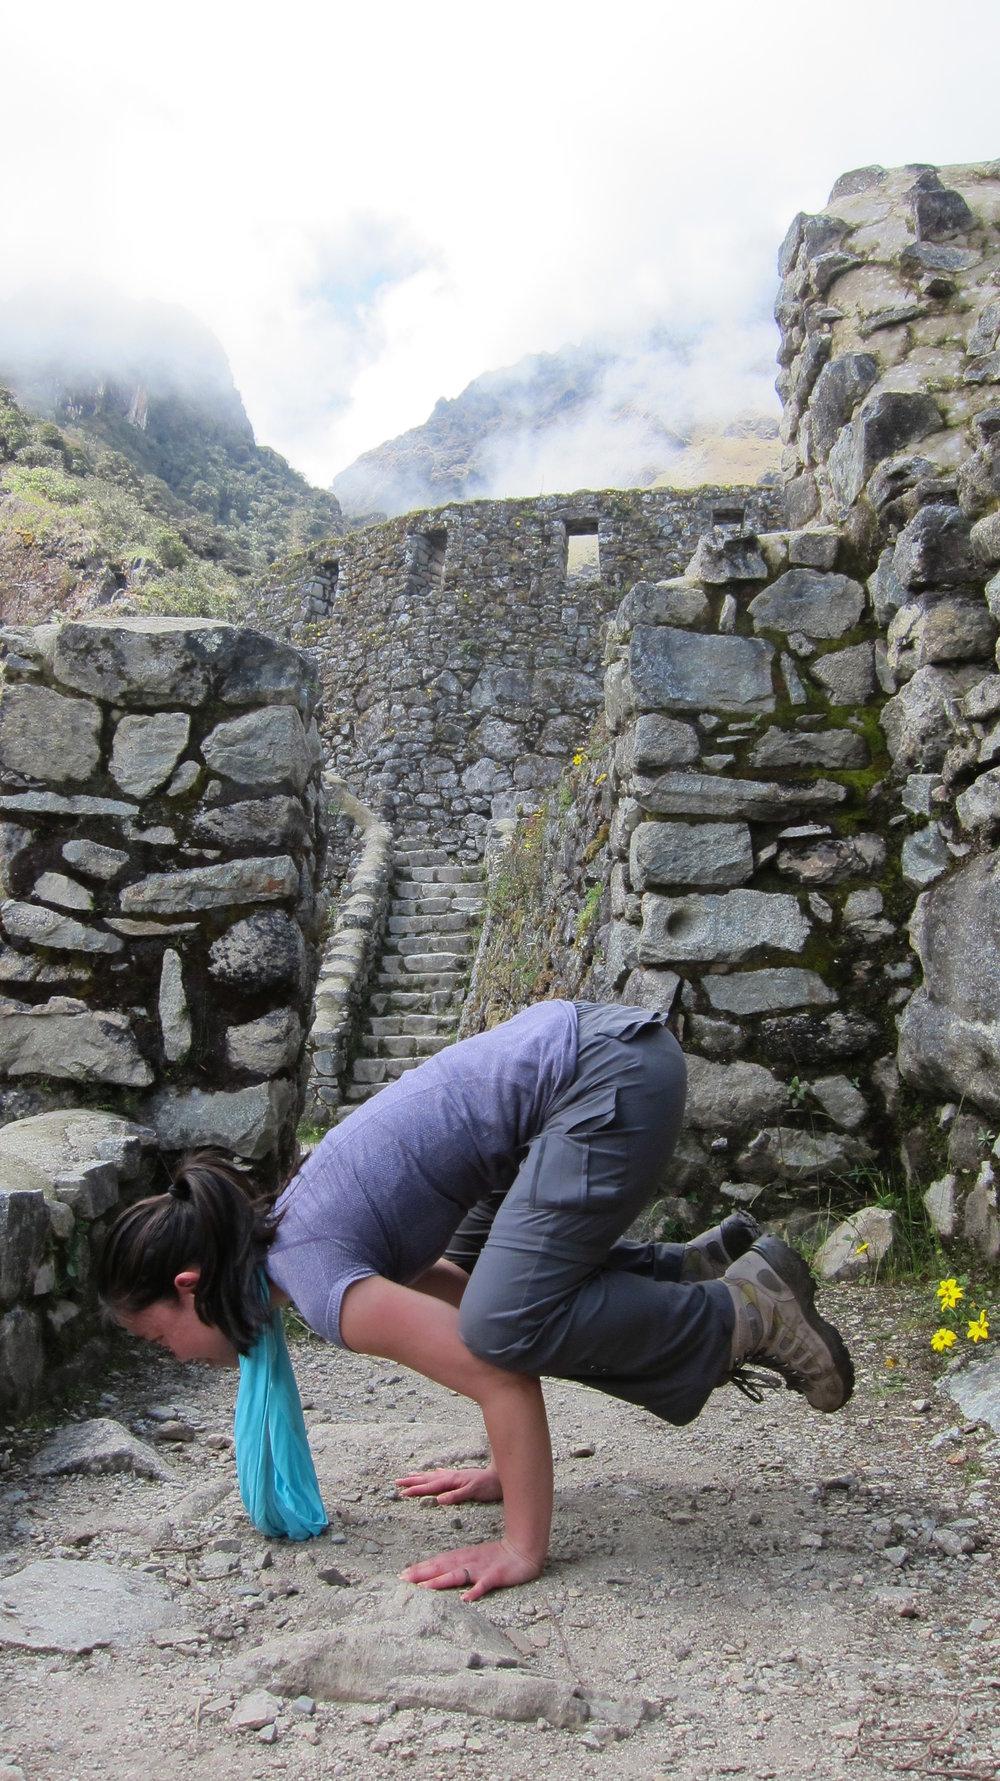 Getting my yoga fix in Peru.